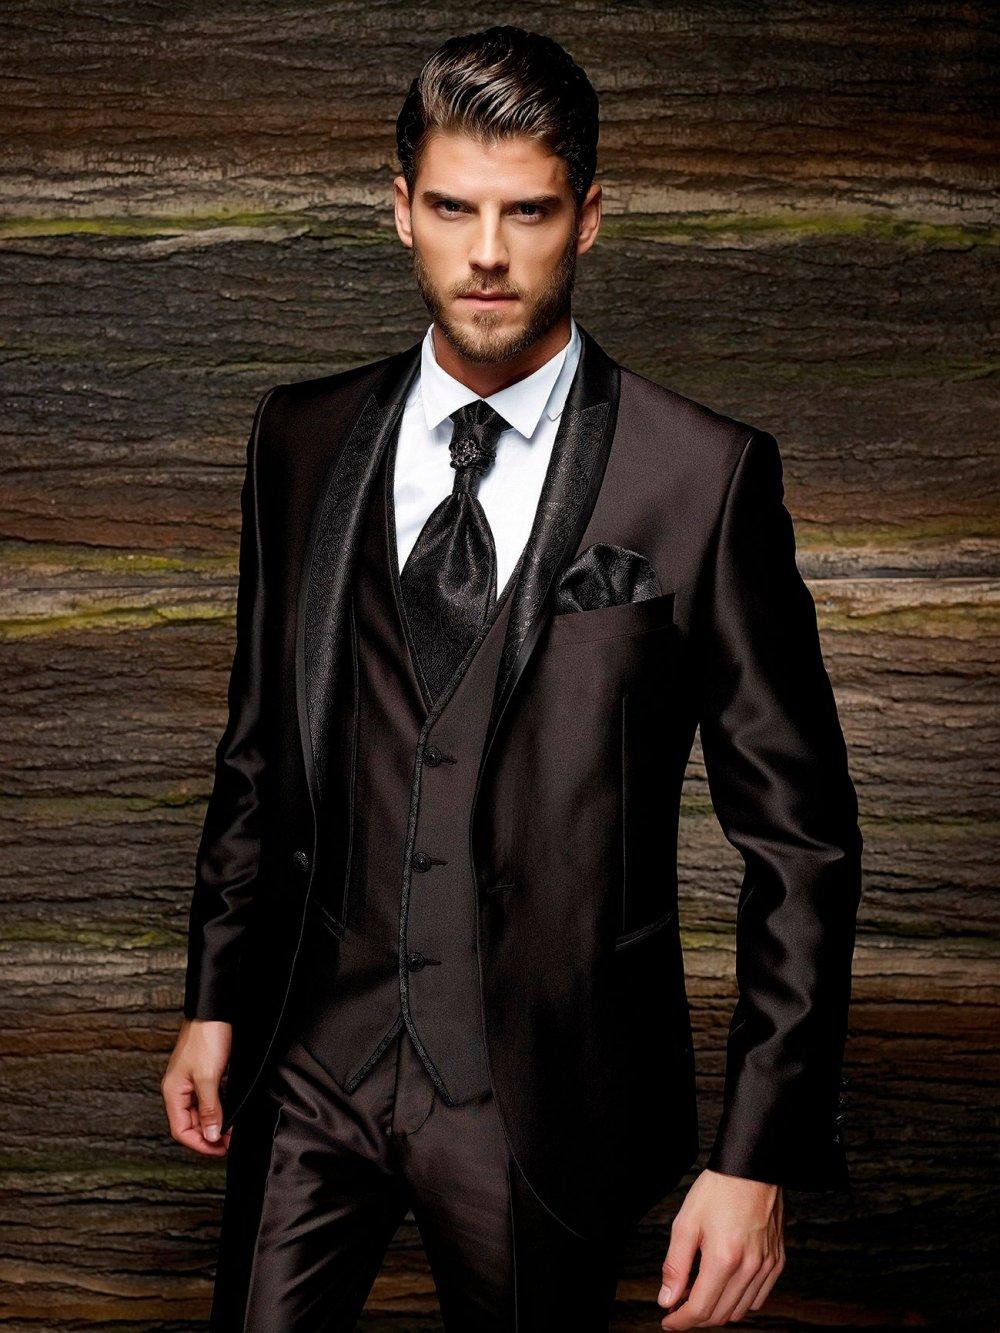 Красивые в одежде мужчины картинки